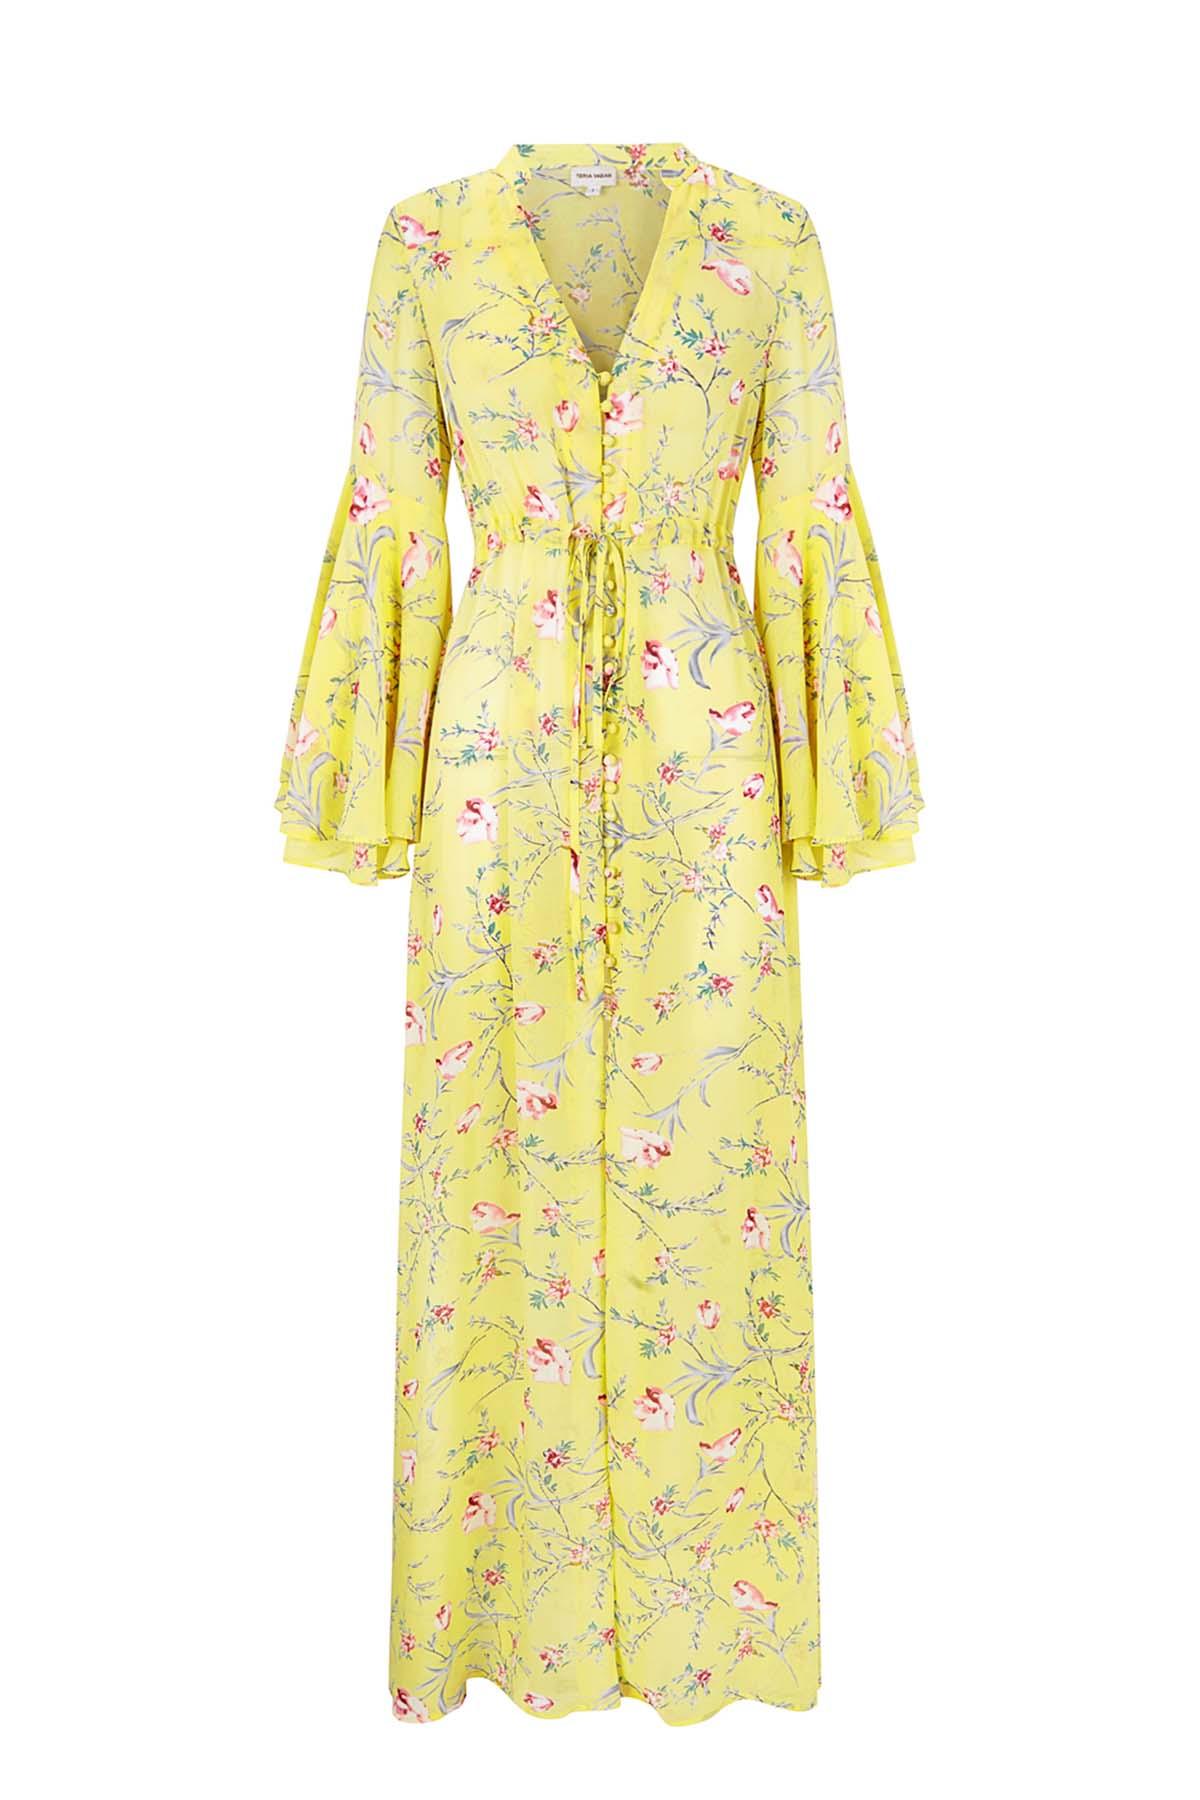 Teria Yabar - Vestido vaporoso amarillo